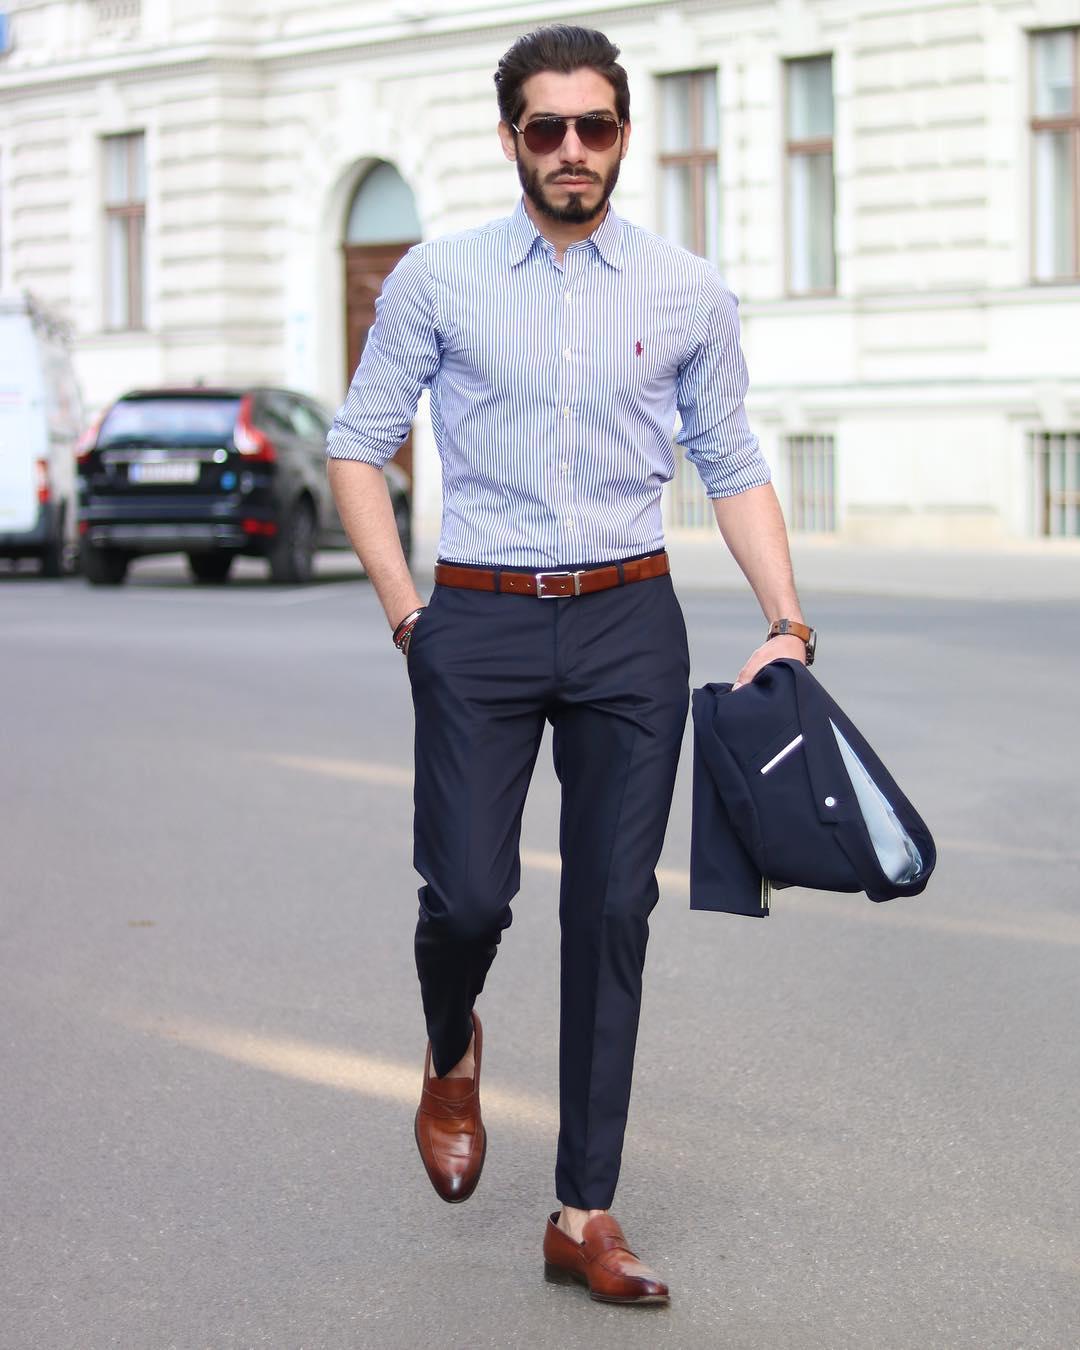 Không cần suit mà vẫn cực bảnh với 7 cách phối đồ công sở thanh lịch